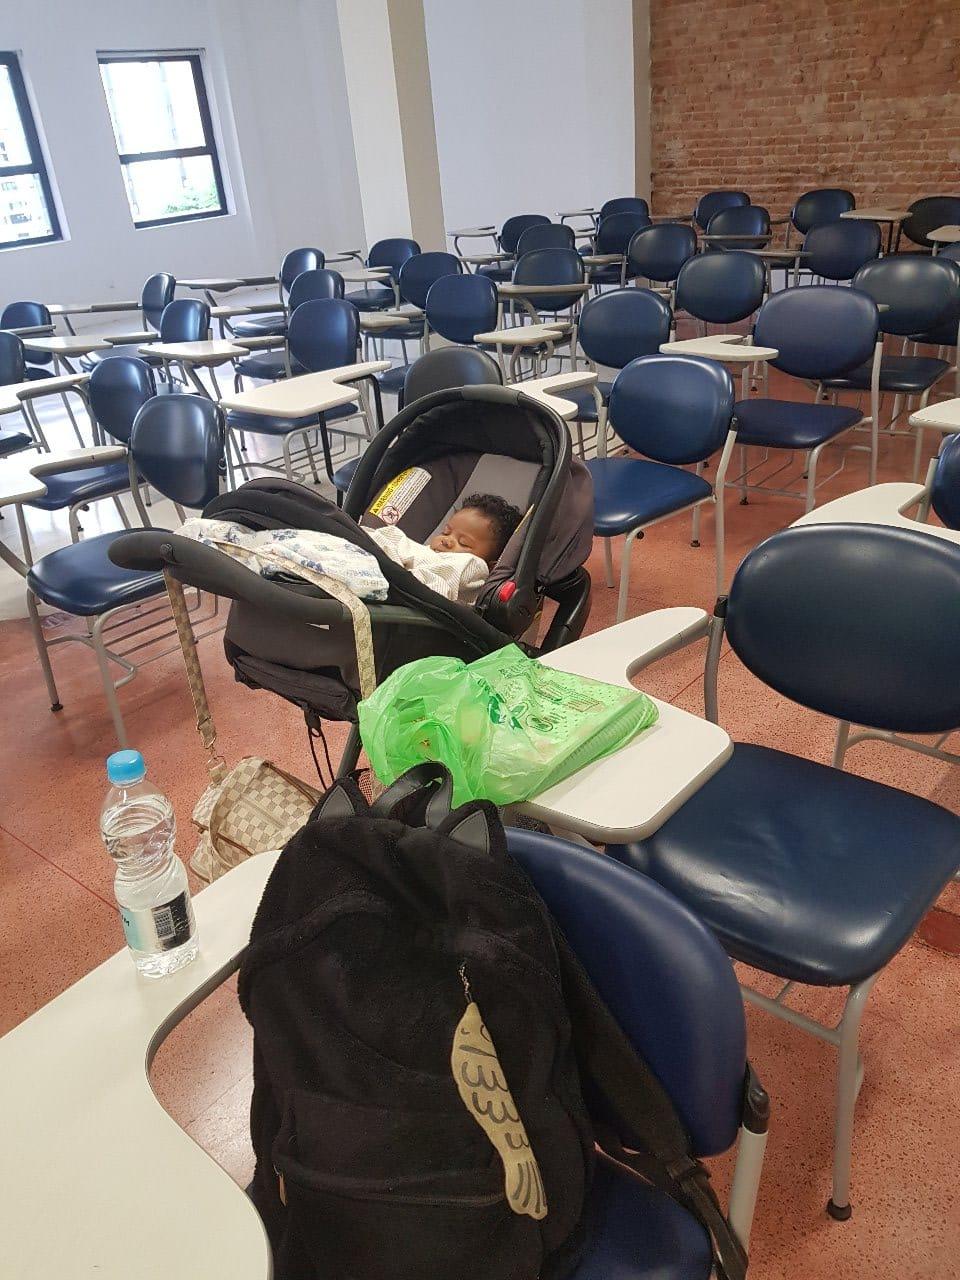 Carrinho de bebê dentro de uma sala de aula